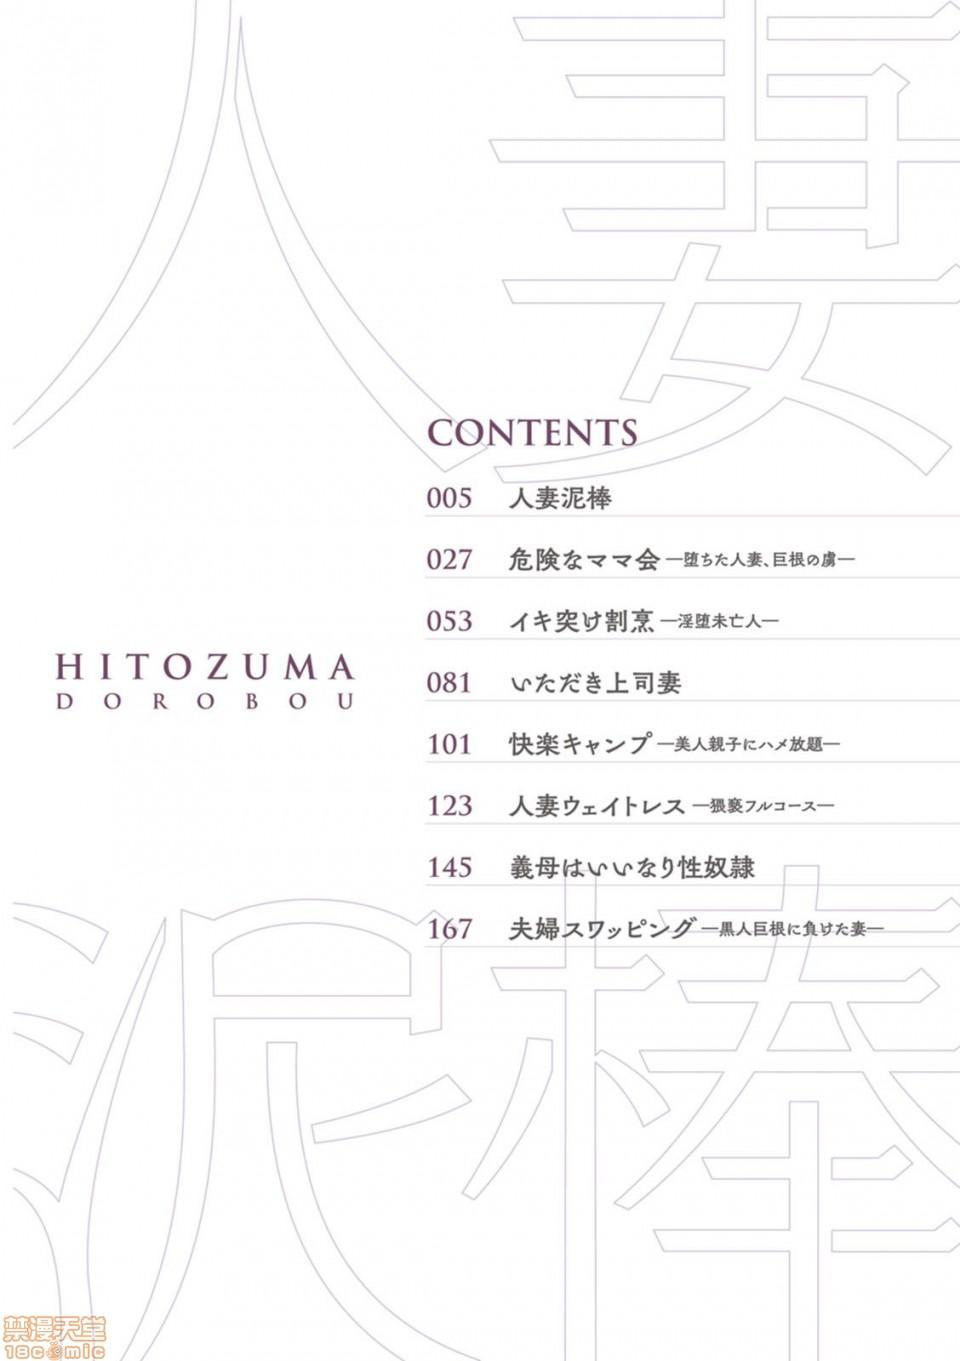 Hitozuma Dorobou 2